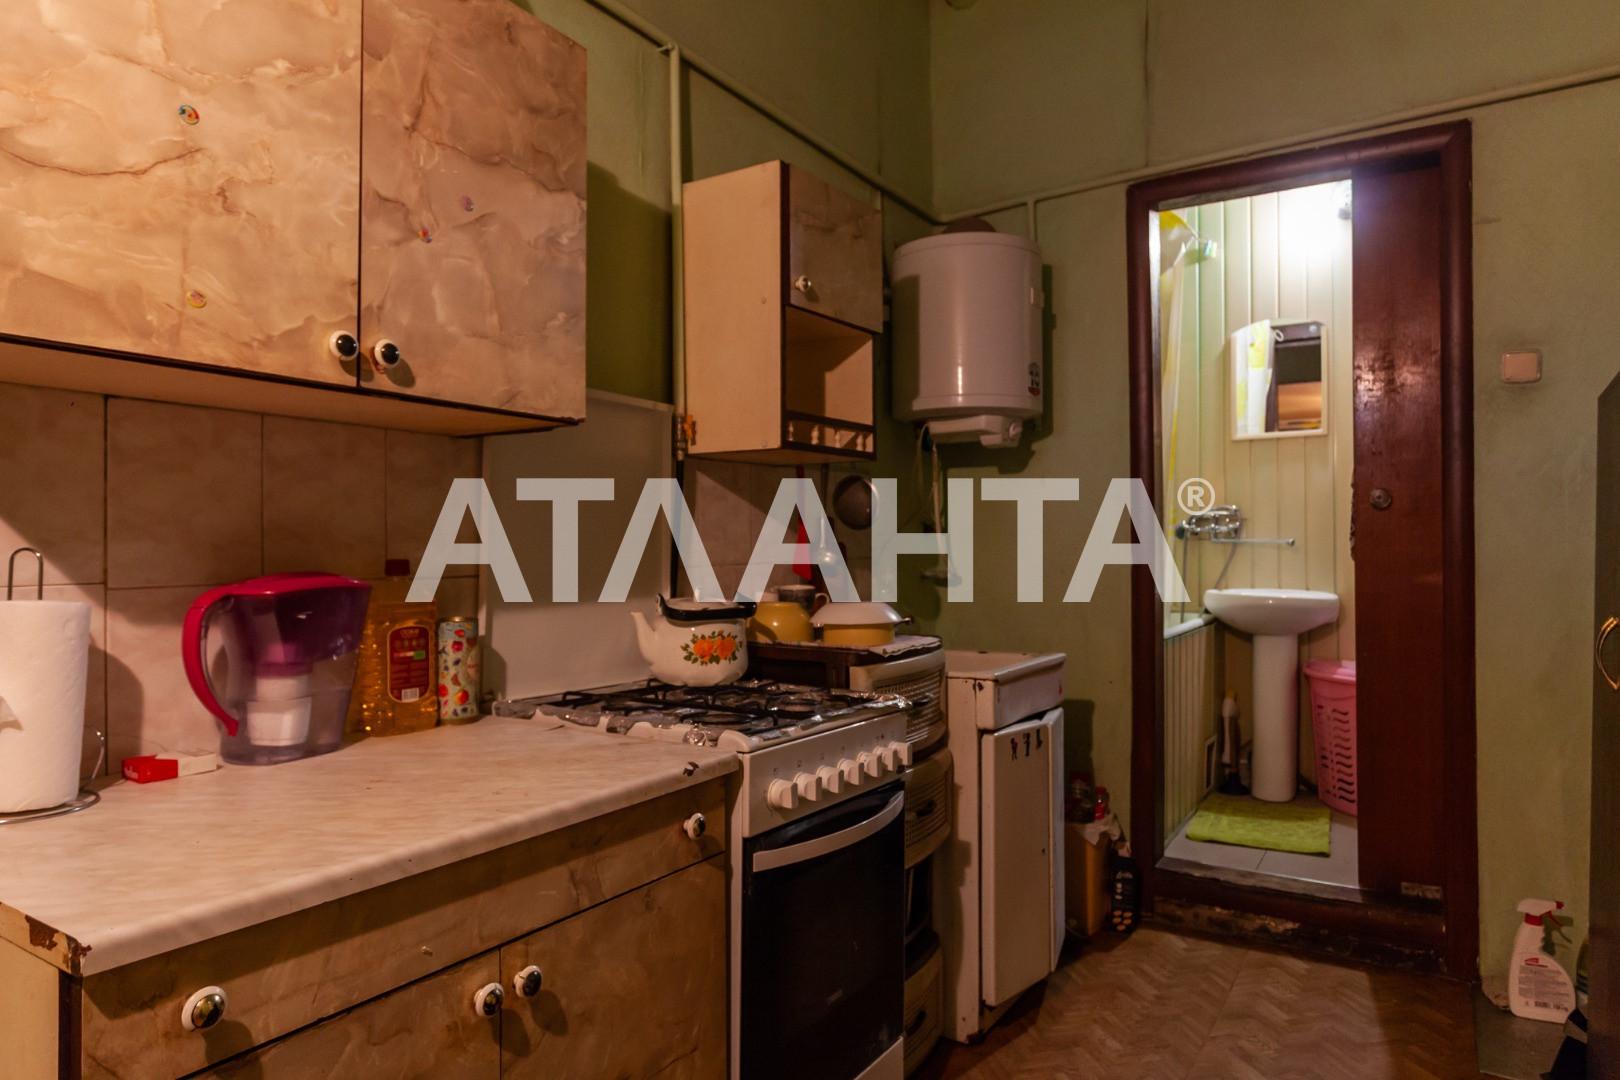 Продается 2-комнатная Квартира на ул. Жуковского — 38 000 у.е. (фото №5)